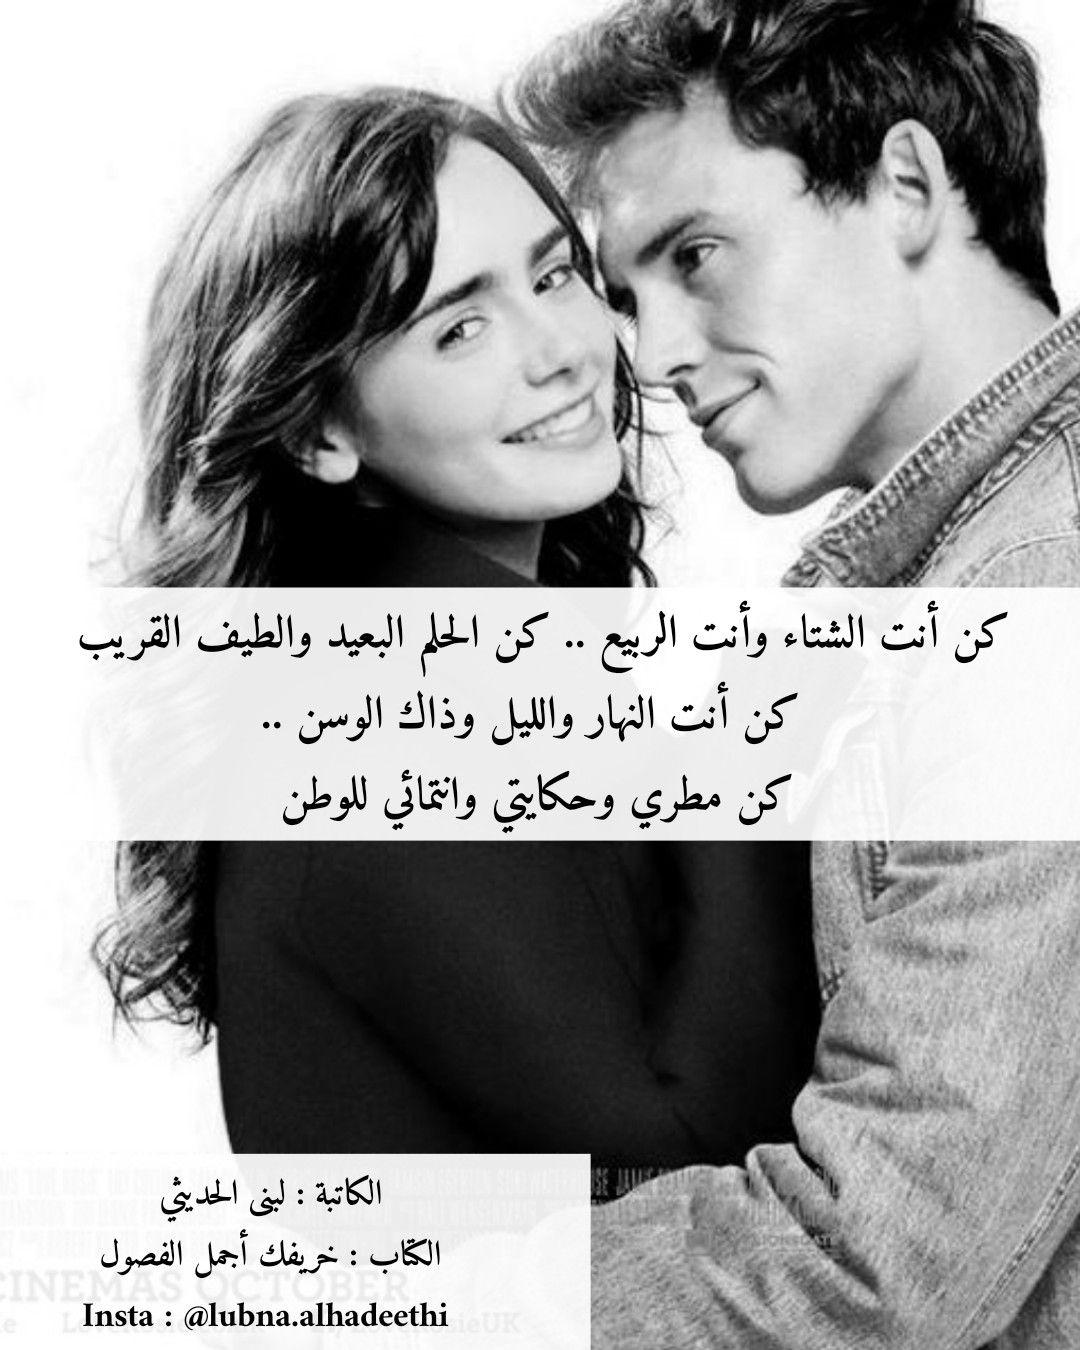 خريفك أجمل الفصول لبنى الحديثي حب اهتمام رومانسية كلمات عشق اهمال أحبك حبيبي اشتياق وفاء خيانة قلب